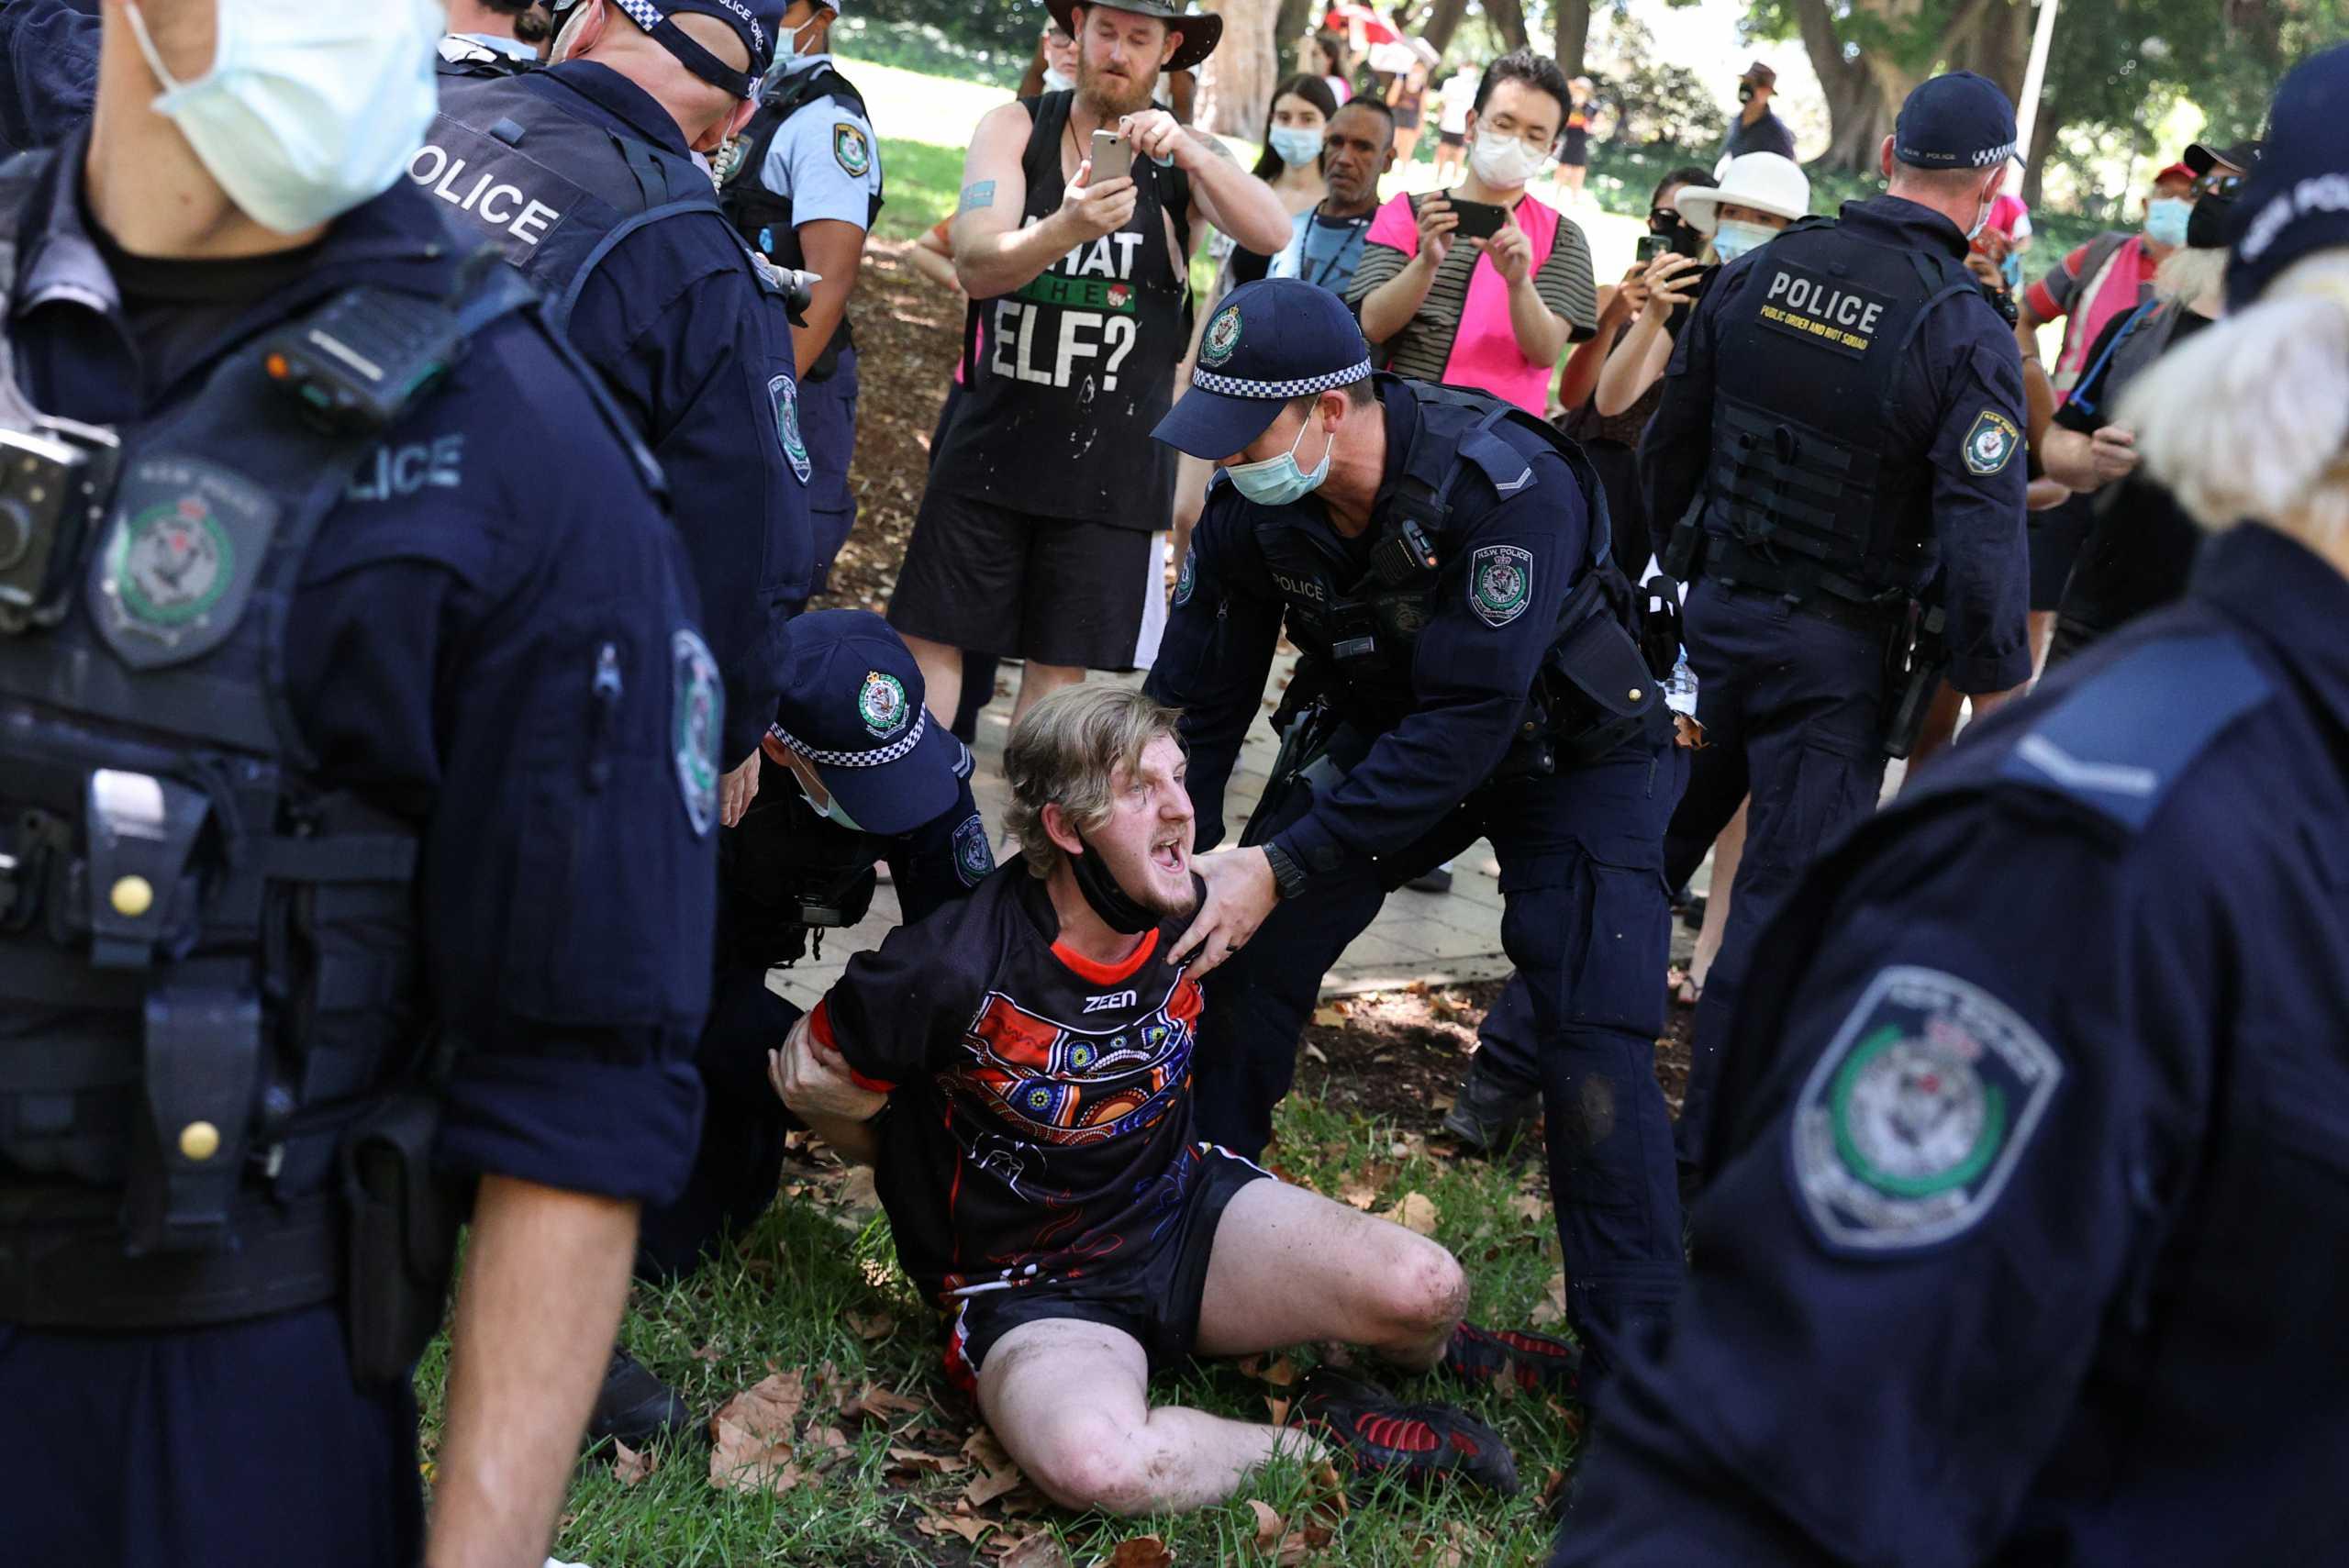 Αυστραλία: Συλλήψεις σε διαμαρτυρία για τους αυτόχθονες – Αγνόησαν τα μέτρα και κατέβηκαν στους δρόμους (pics, vid)